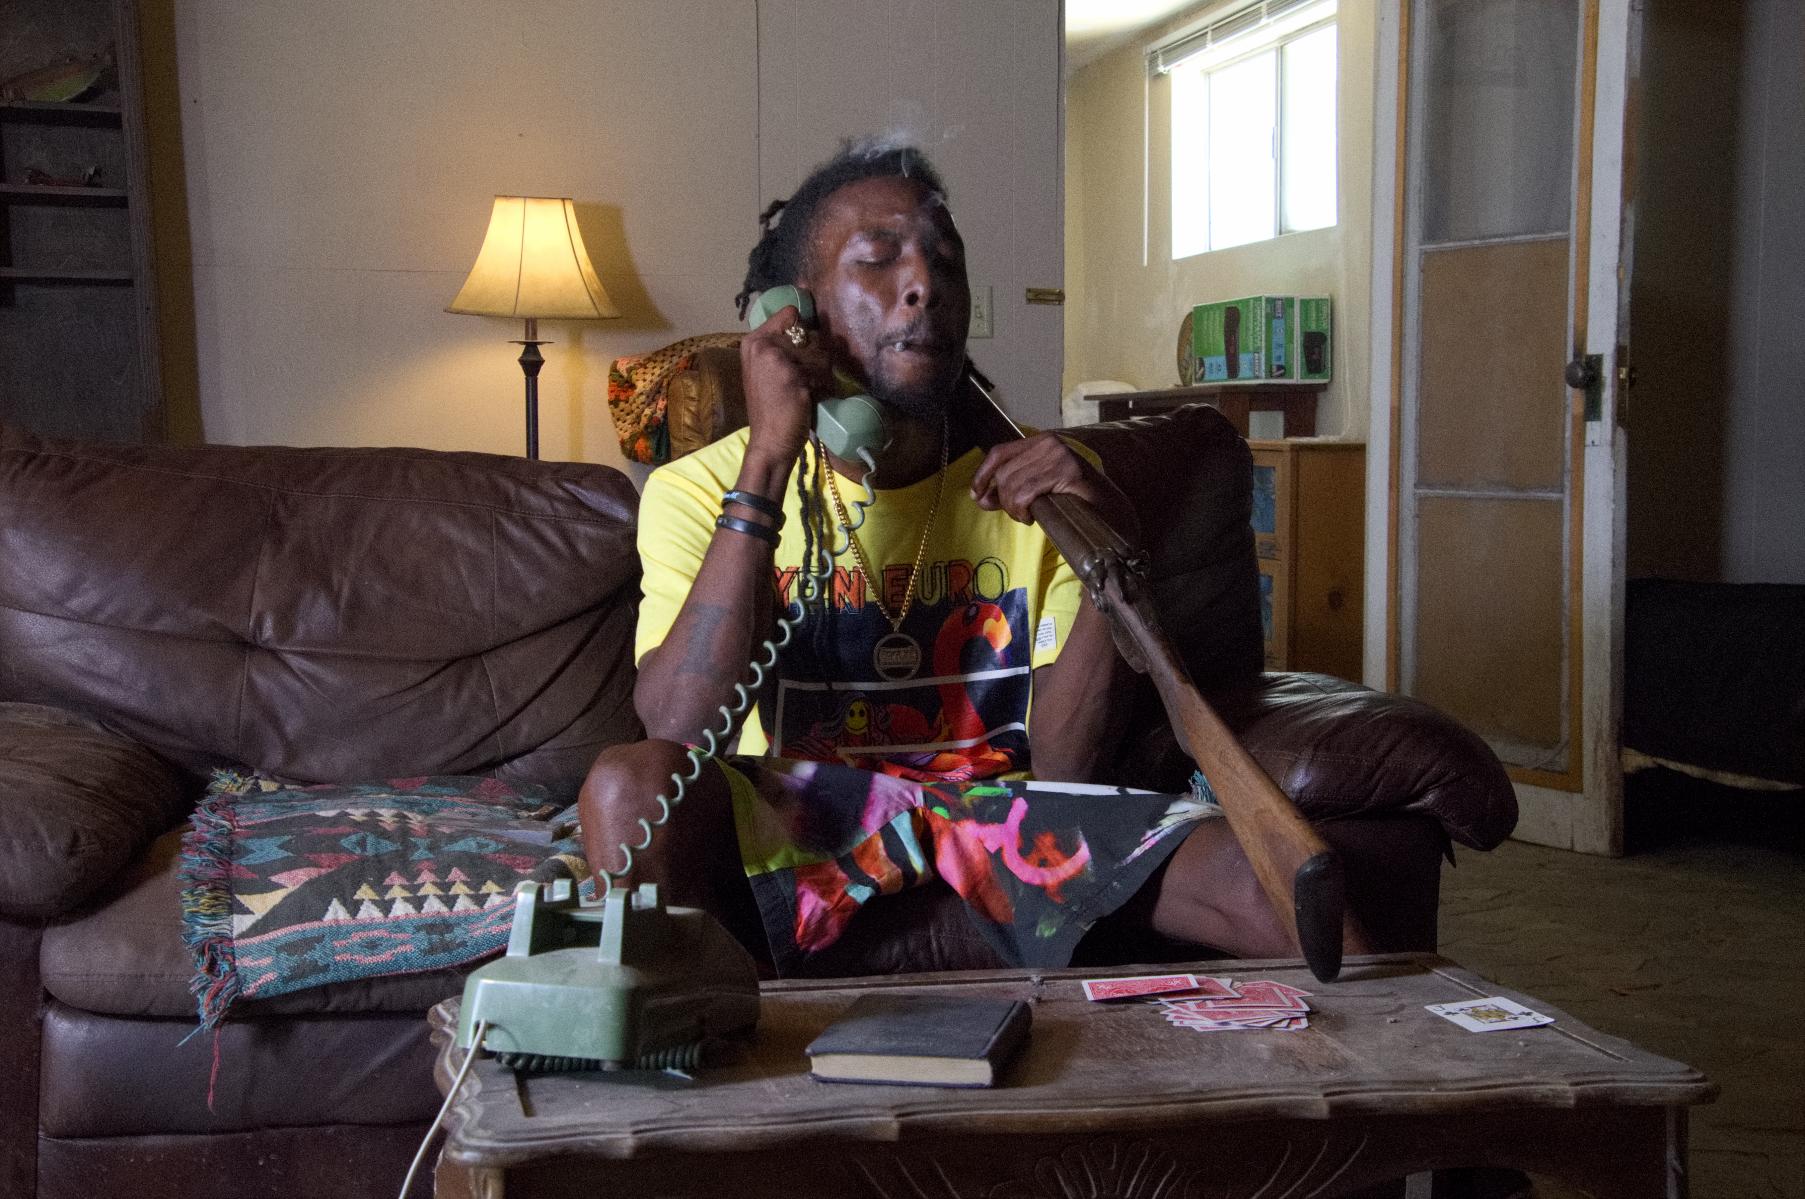 [Video] Cheflodeezy 'Buck The Jack' | @lodeezyofficial